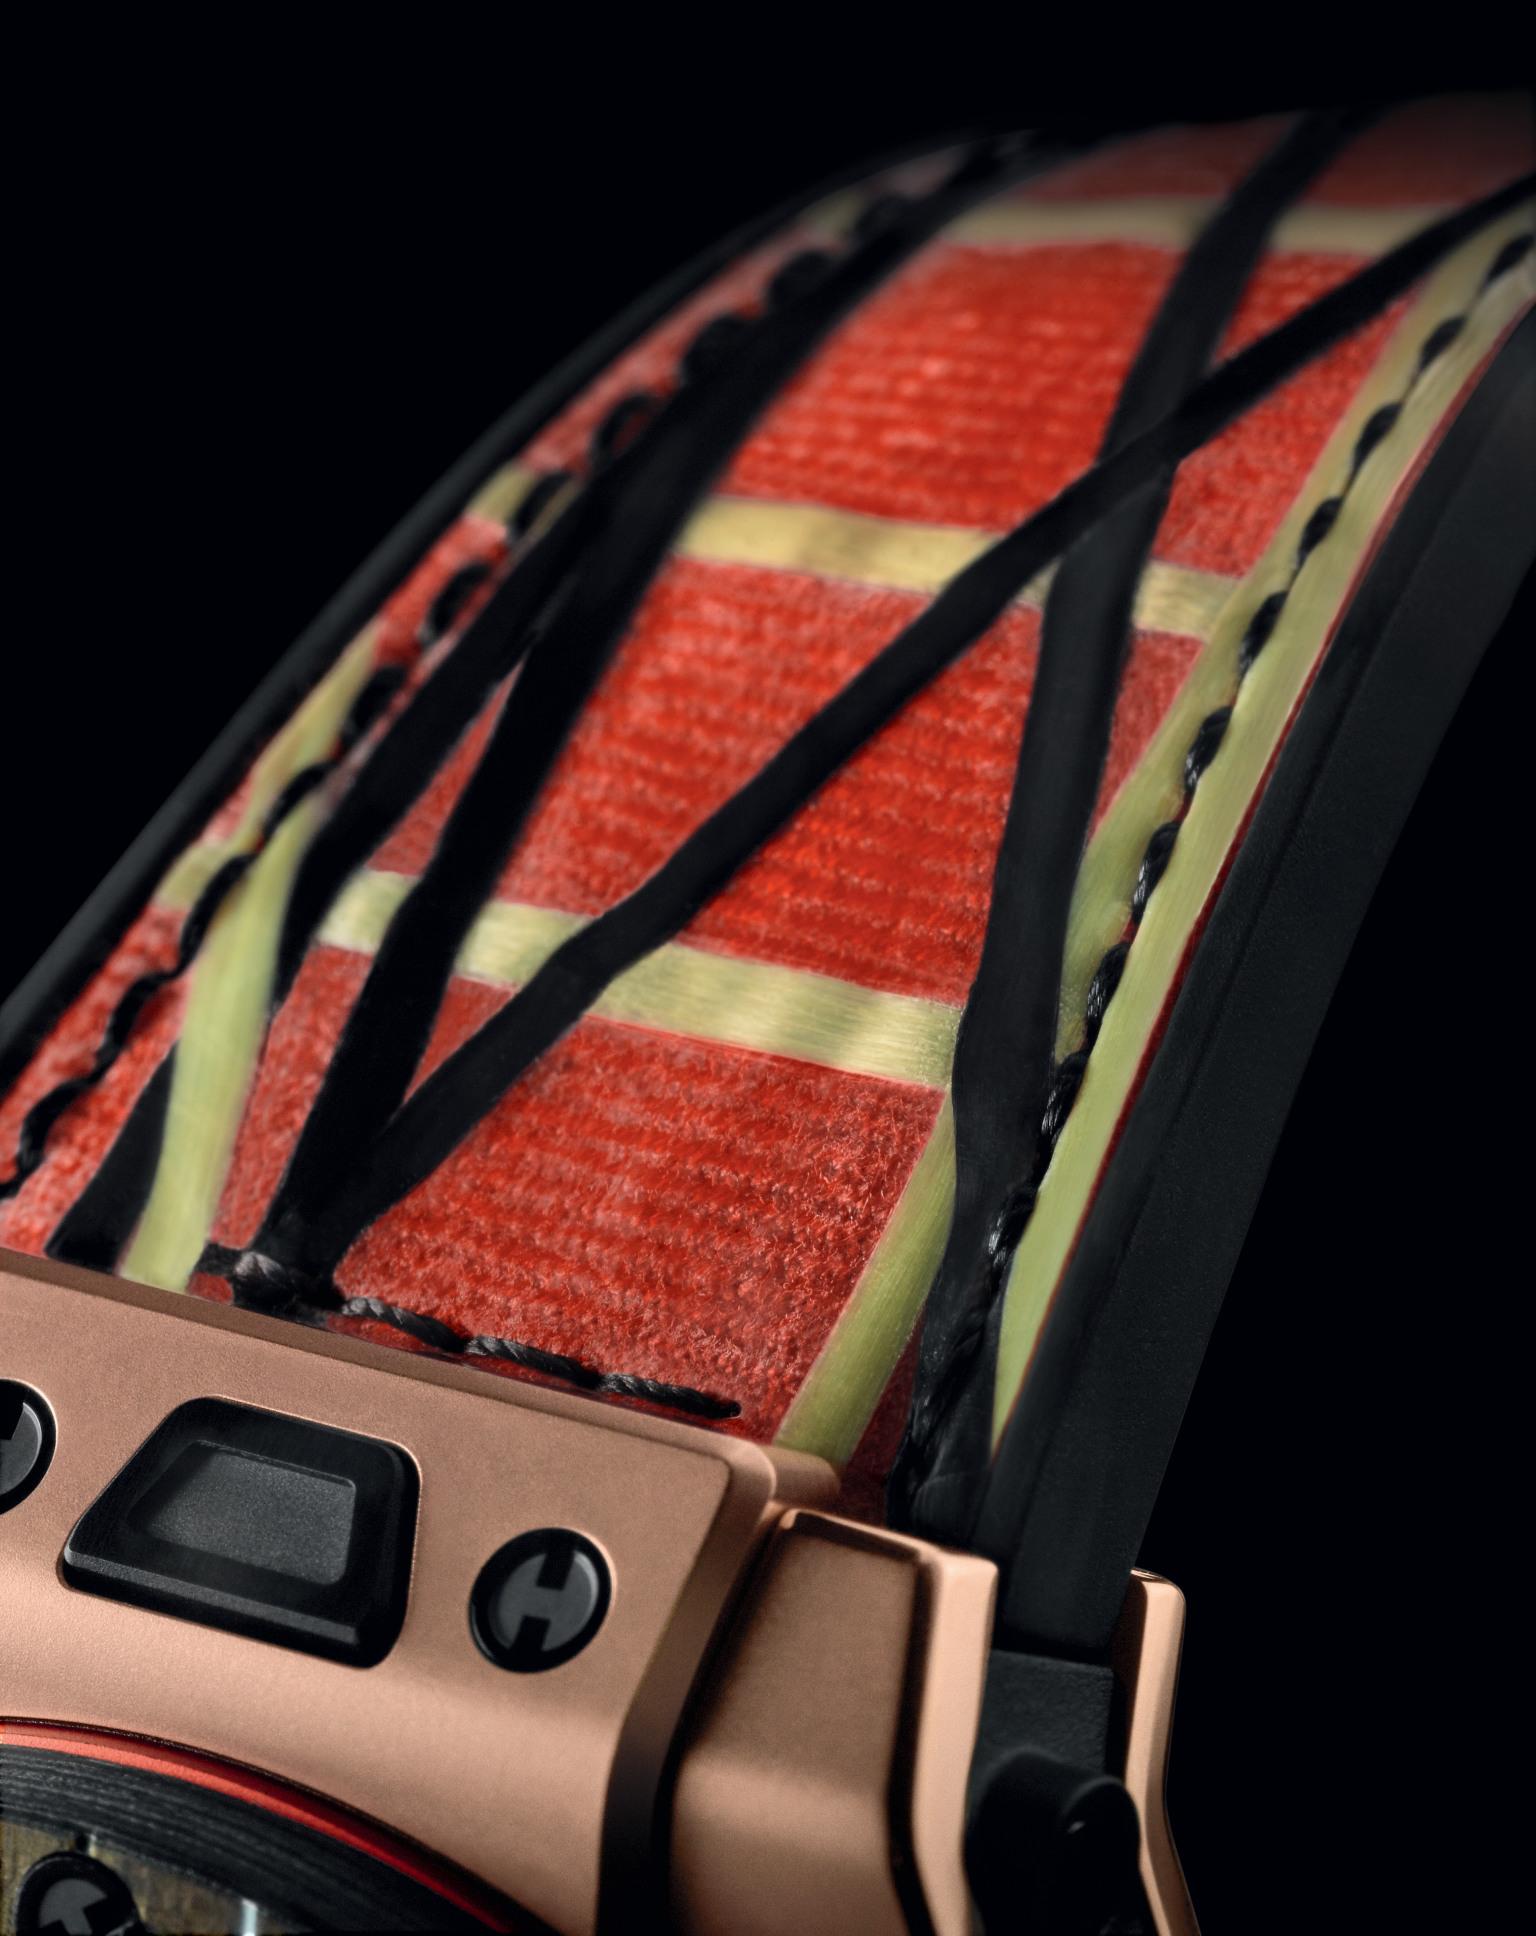 De gestreepte, oranje band is gemaakt van rubber